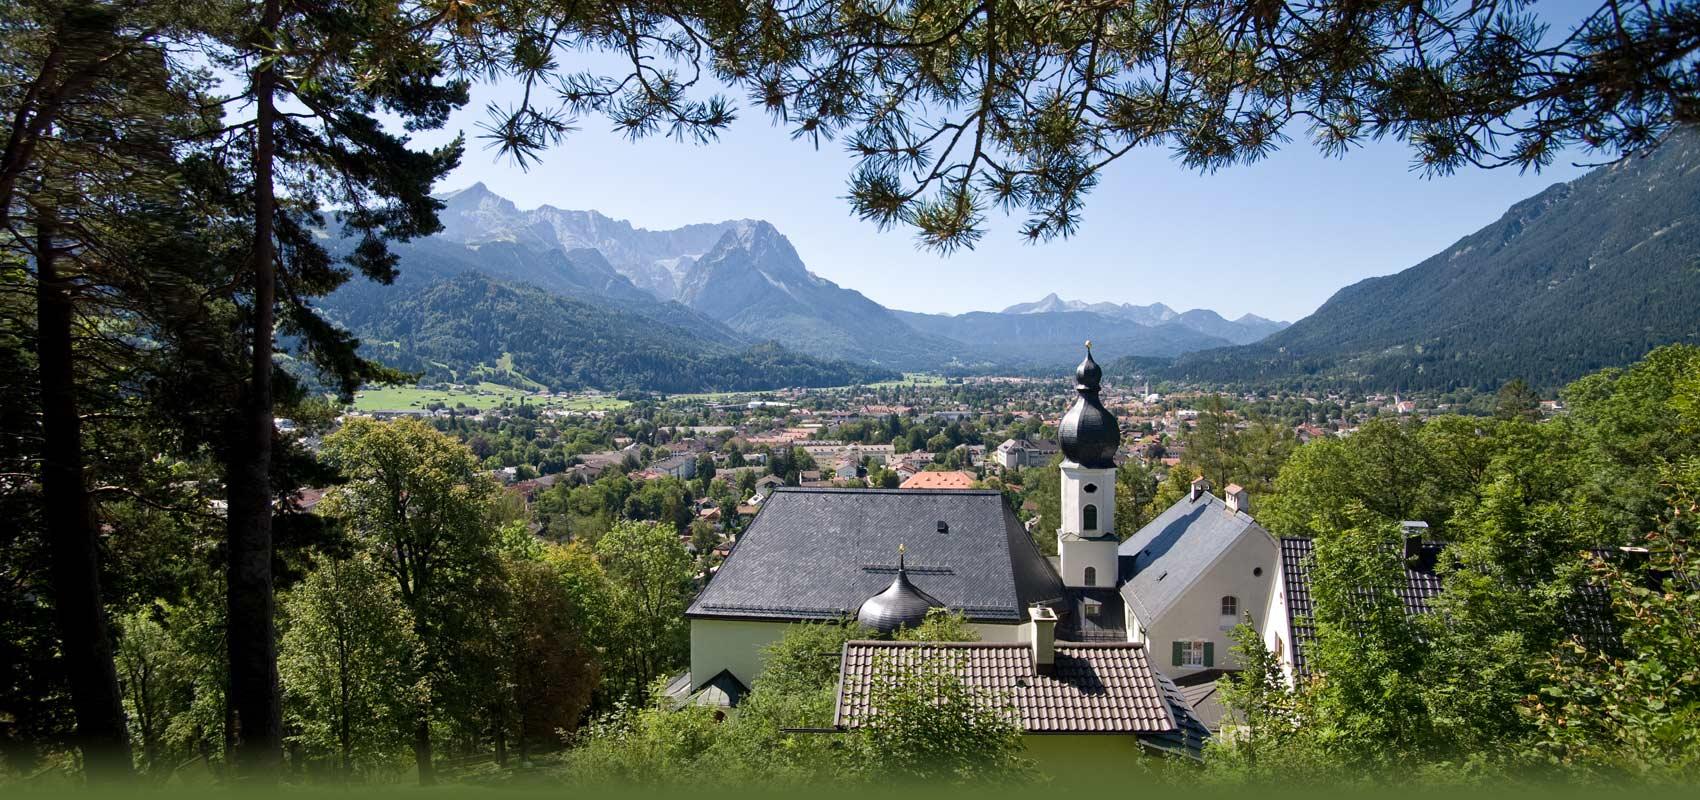 Informationen rund um Garmisch-Partenkirchen